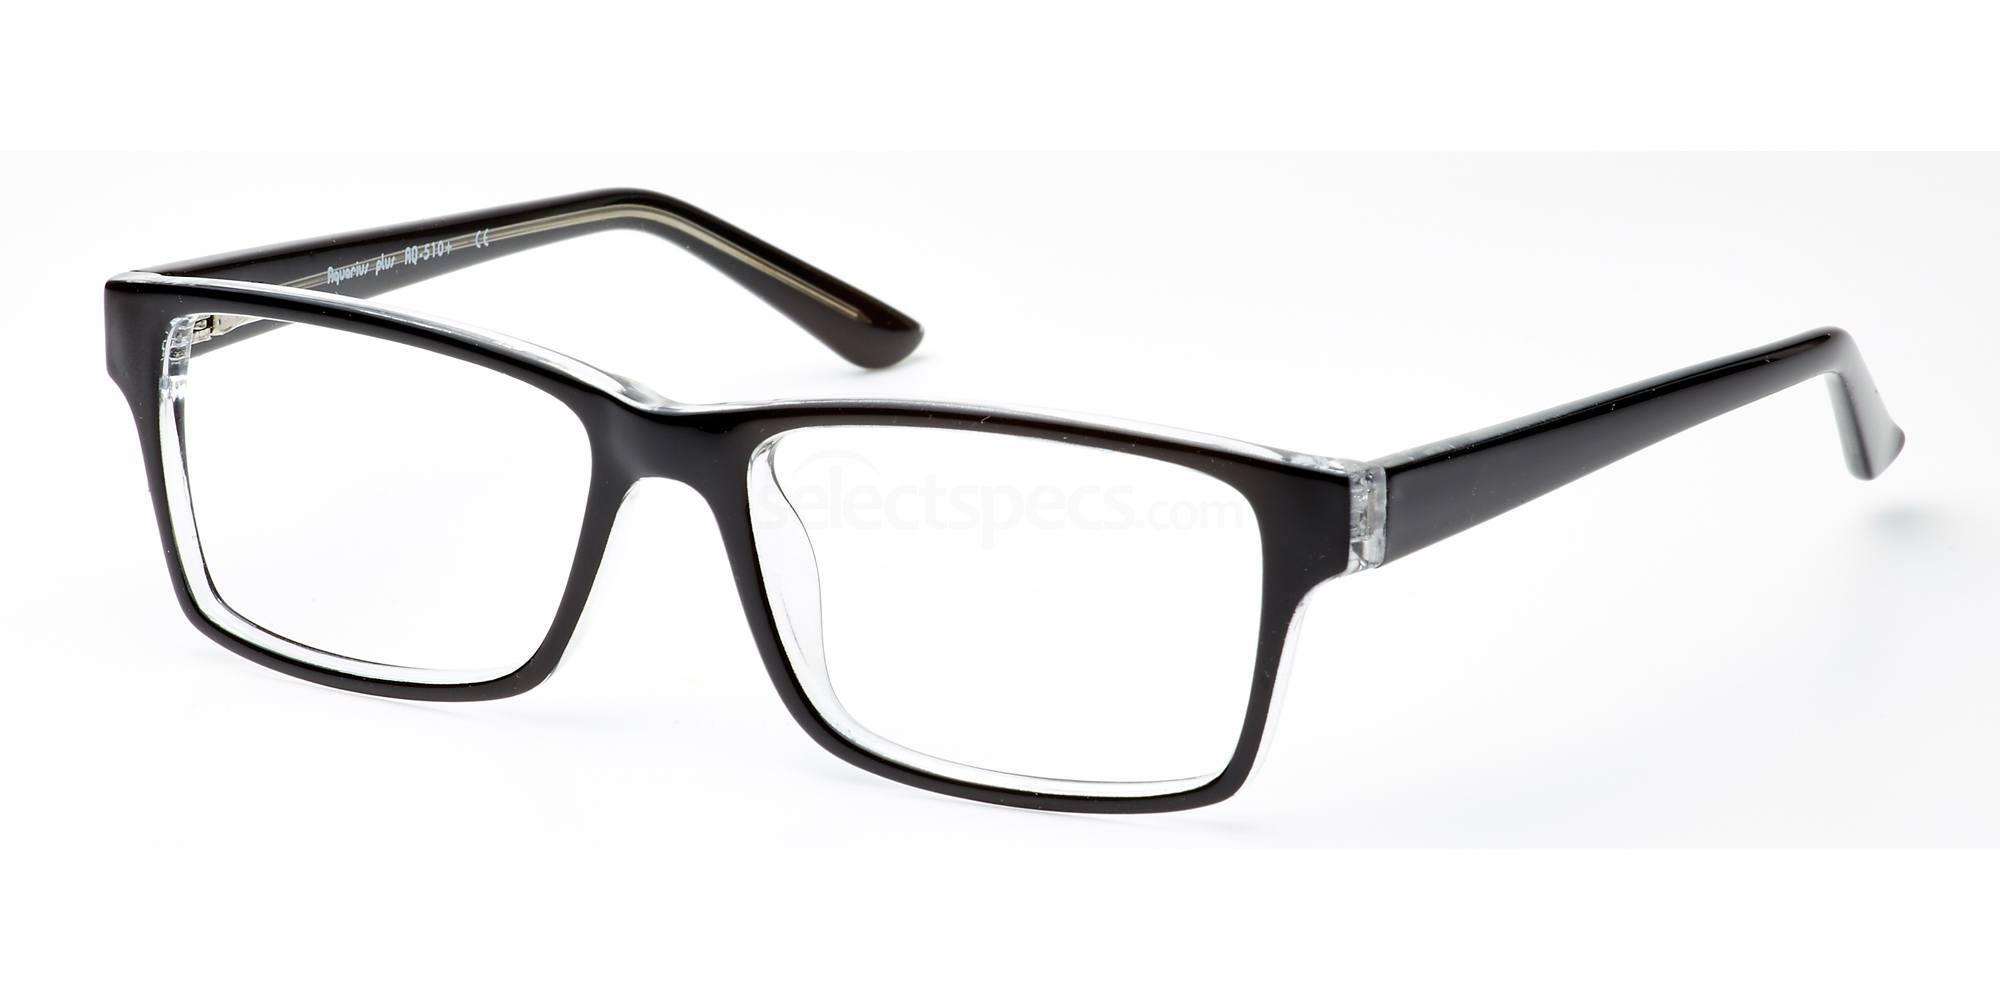 C1 AQ+510 Glasses, Aquarius+